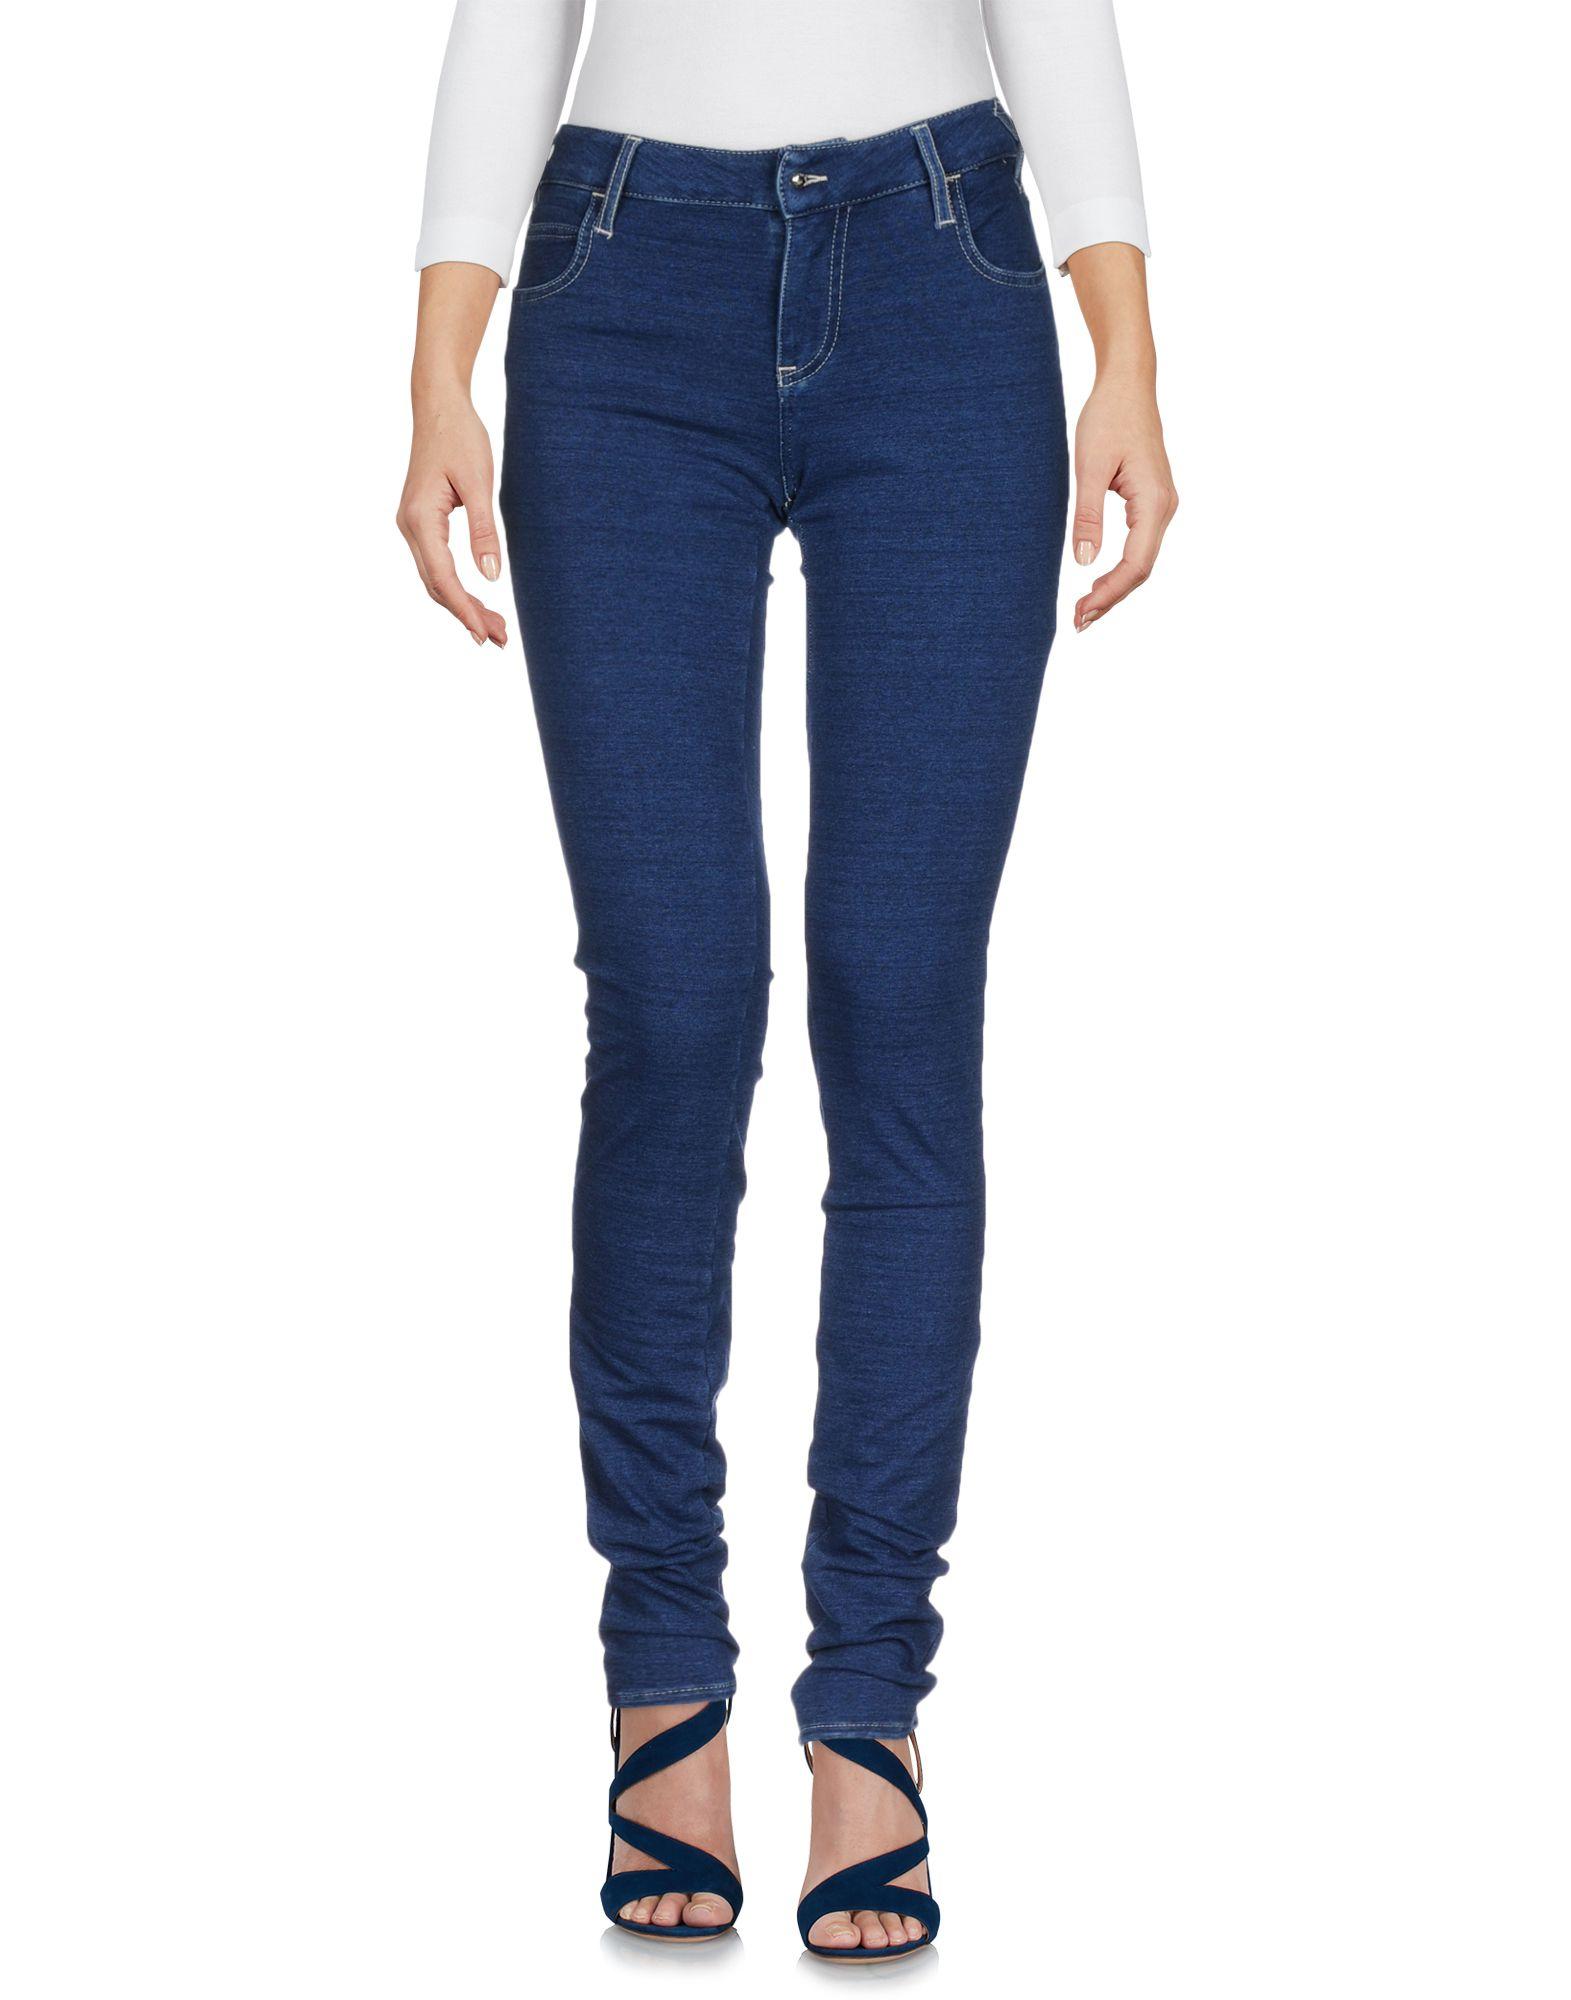 MET in JEANS Джинсовые брюки met in jeans толстовка